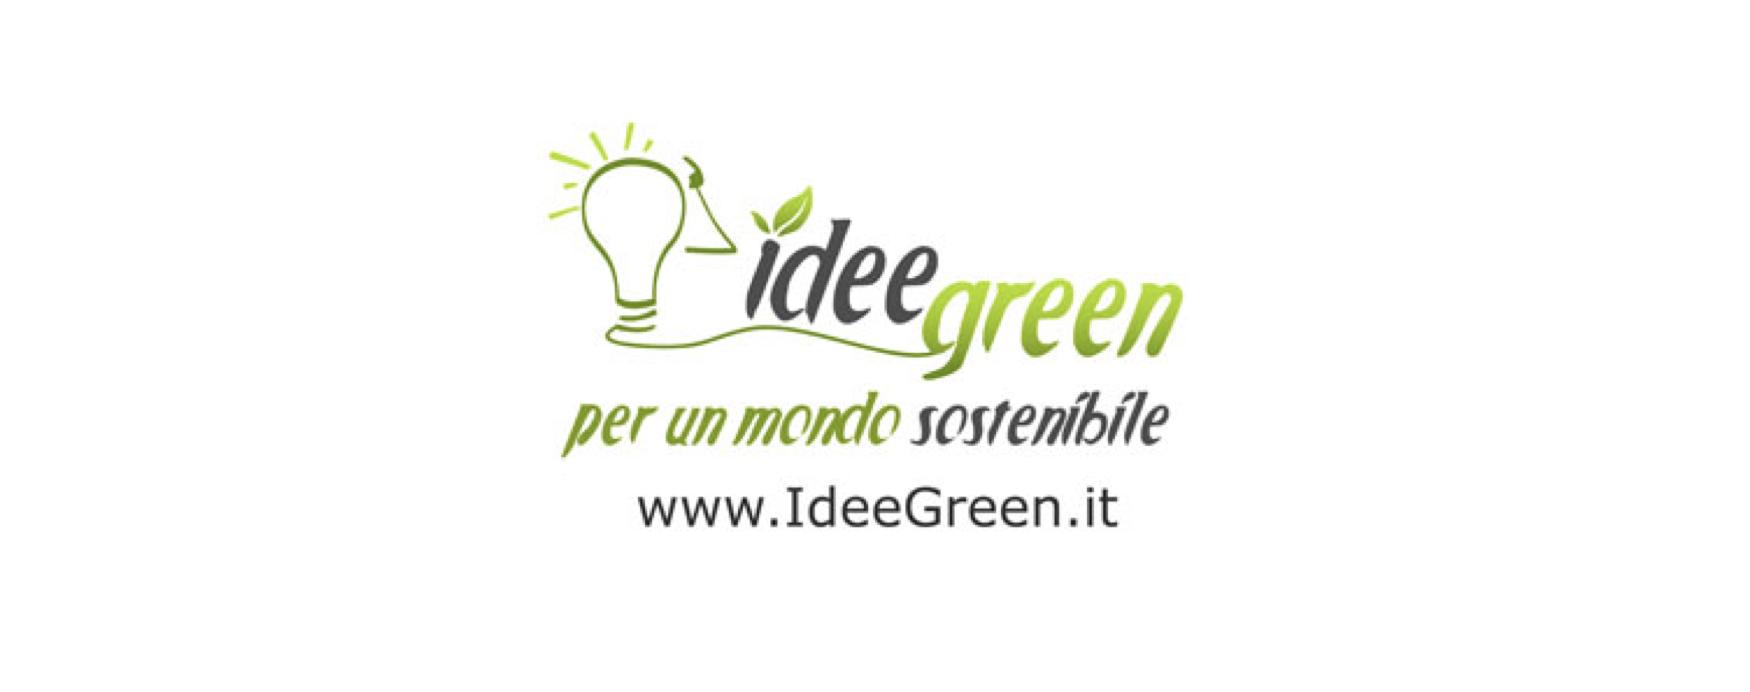 IdeeGreen Web